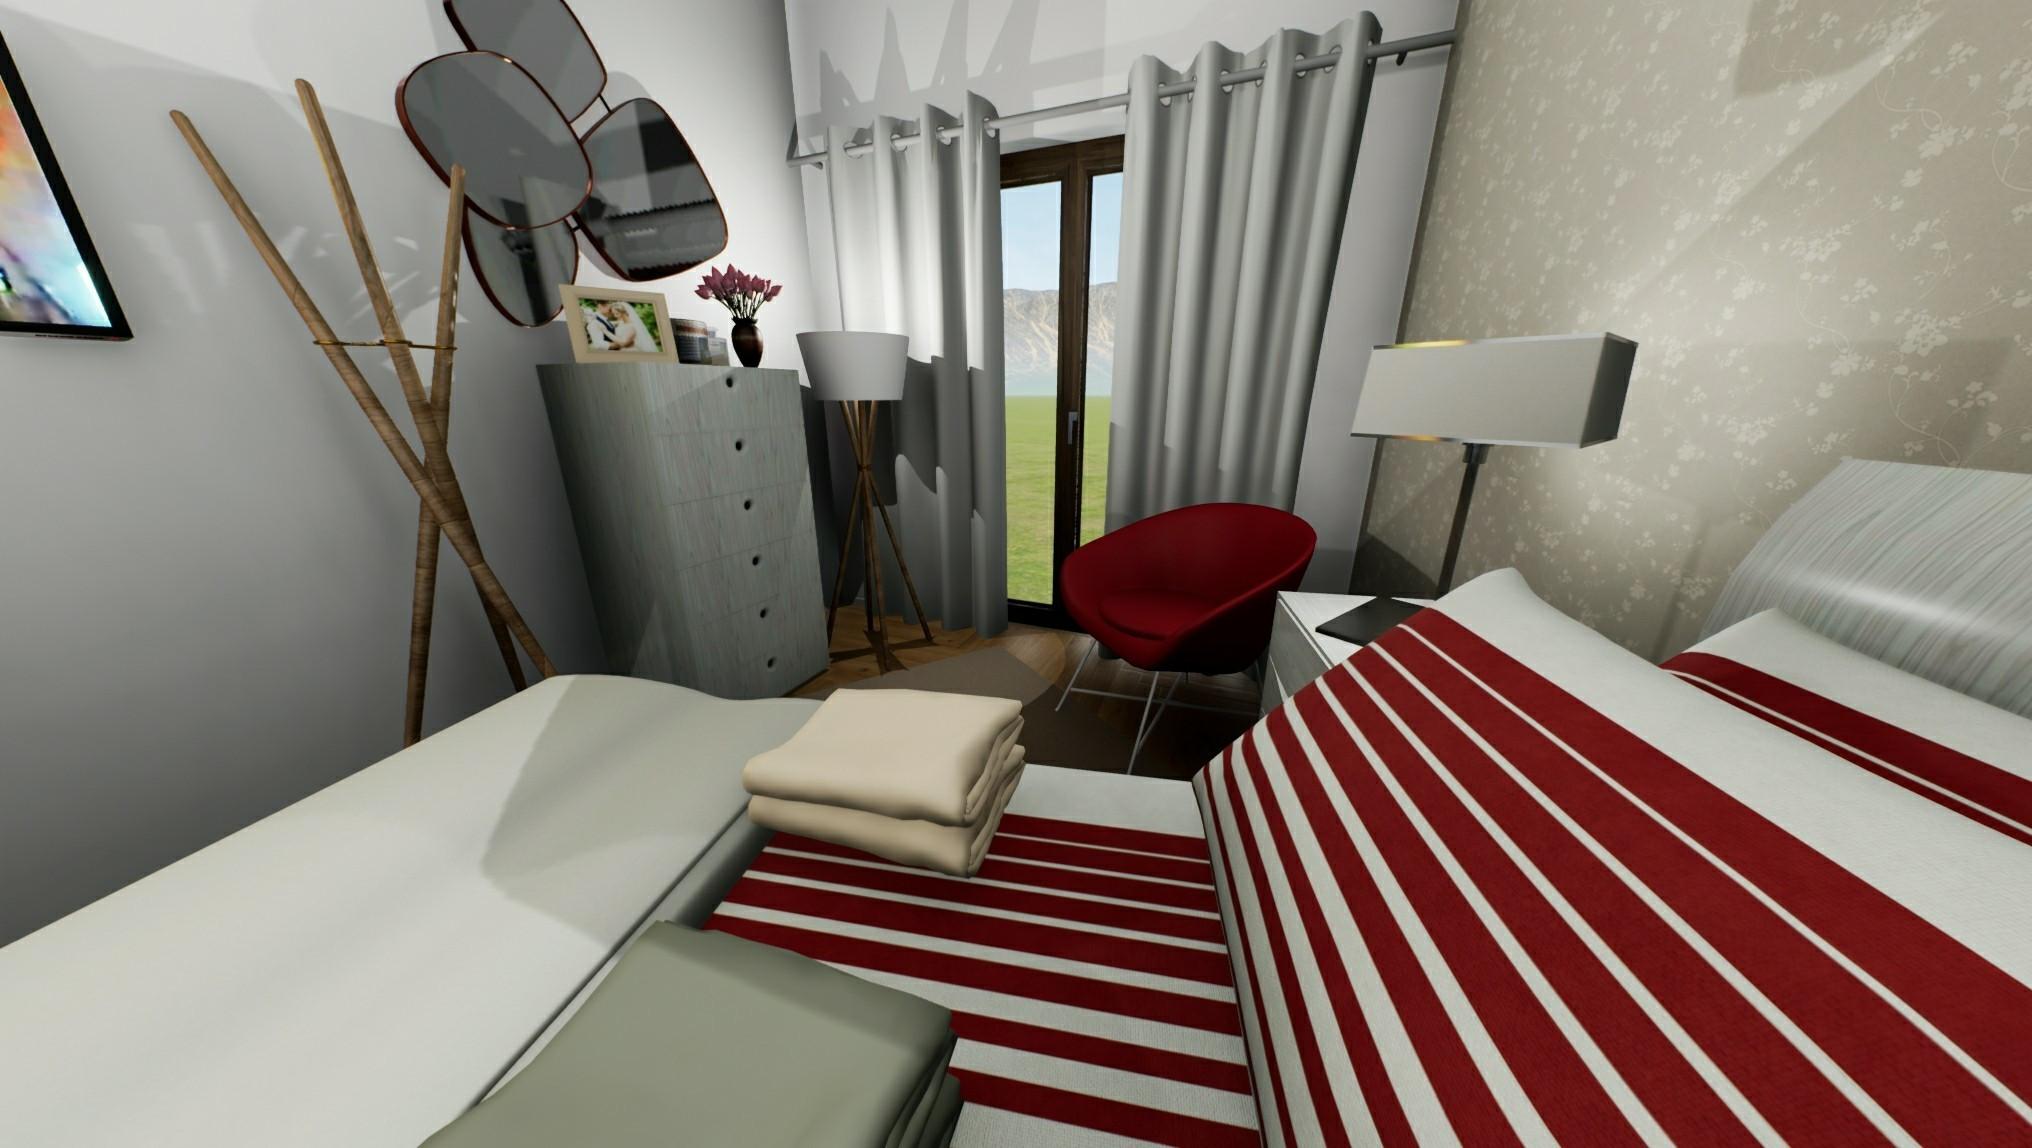 camera da letto - idee di arredo